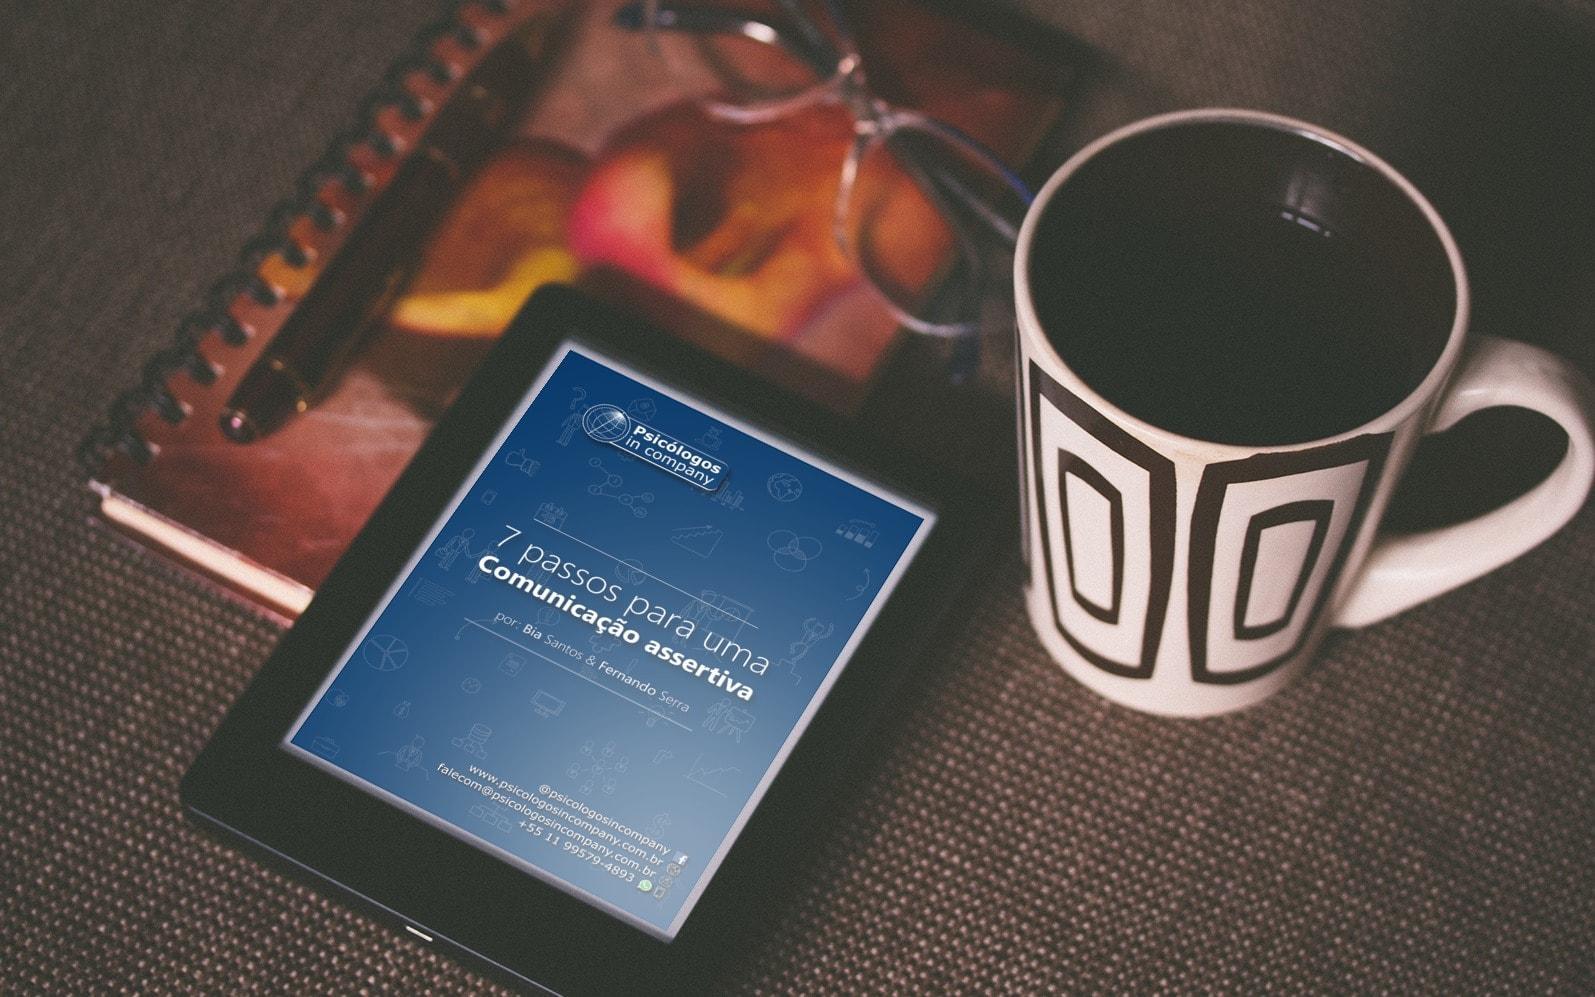 e-book 7 passos para uma comunicação assertiva